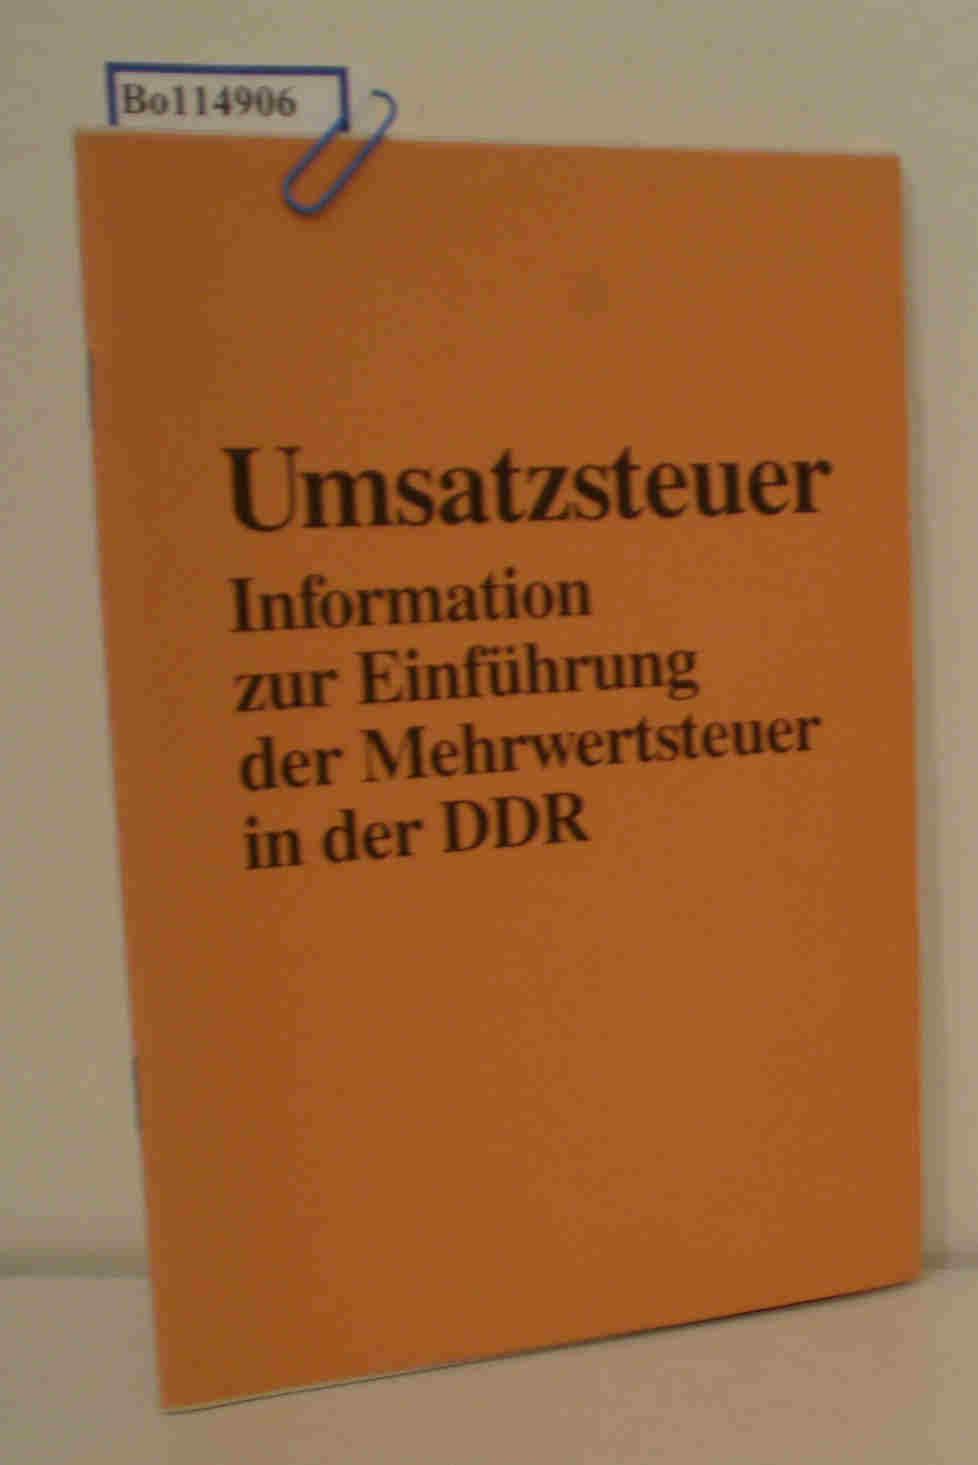 Umsatzsteuer Information zur Einführung der Mehrwertsteuer in der DDR